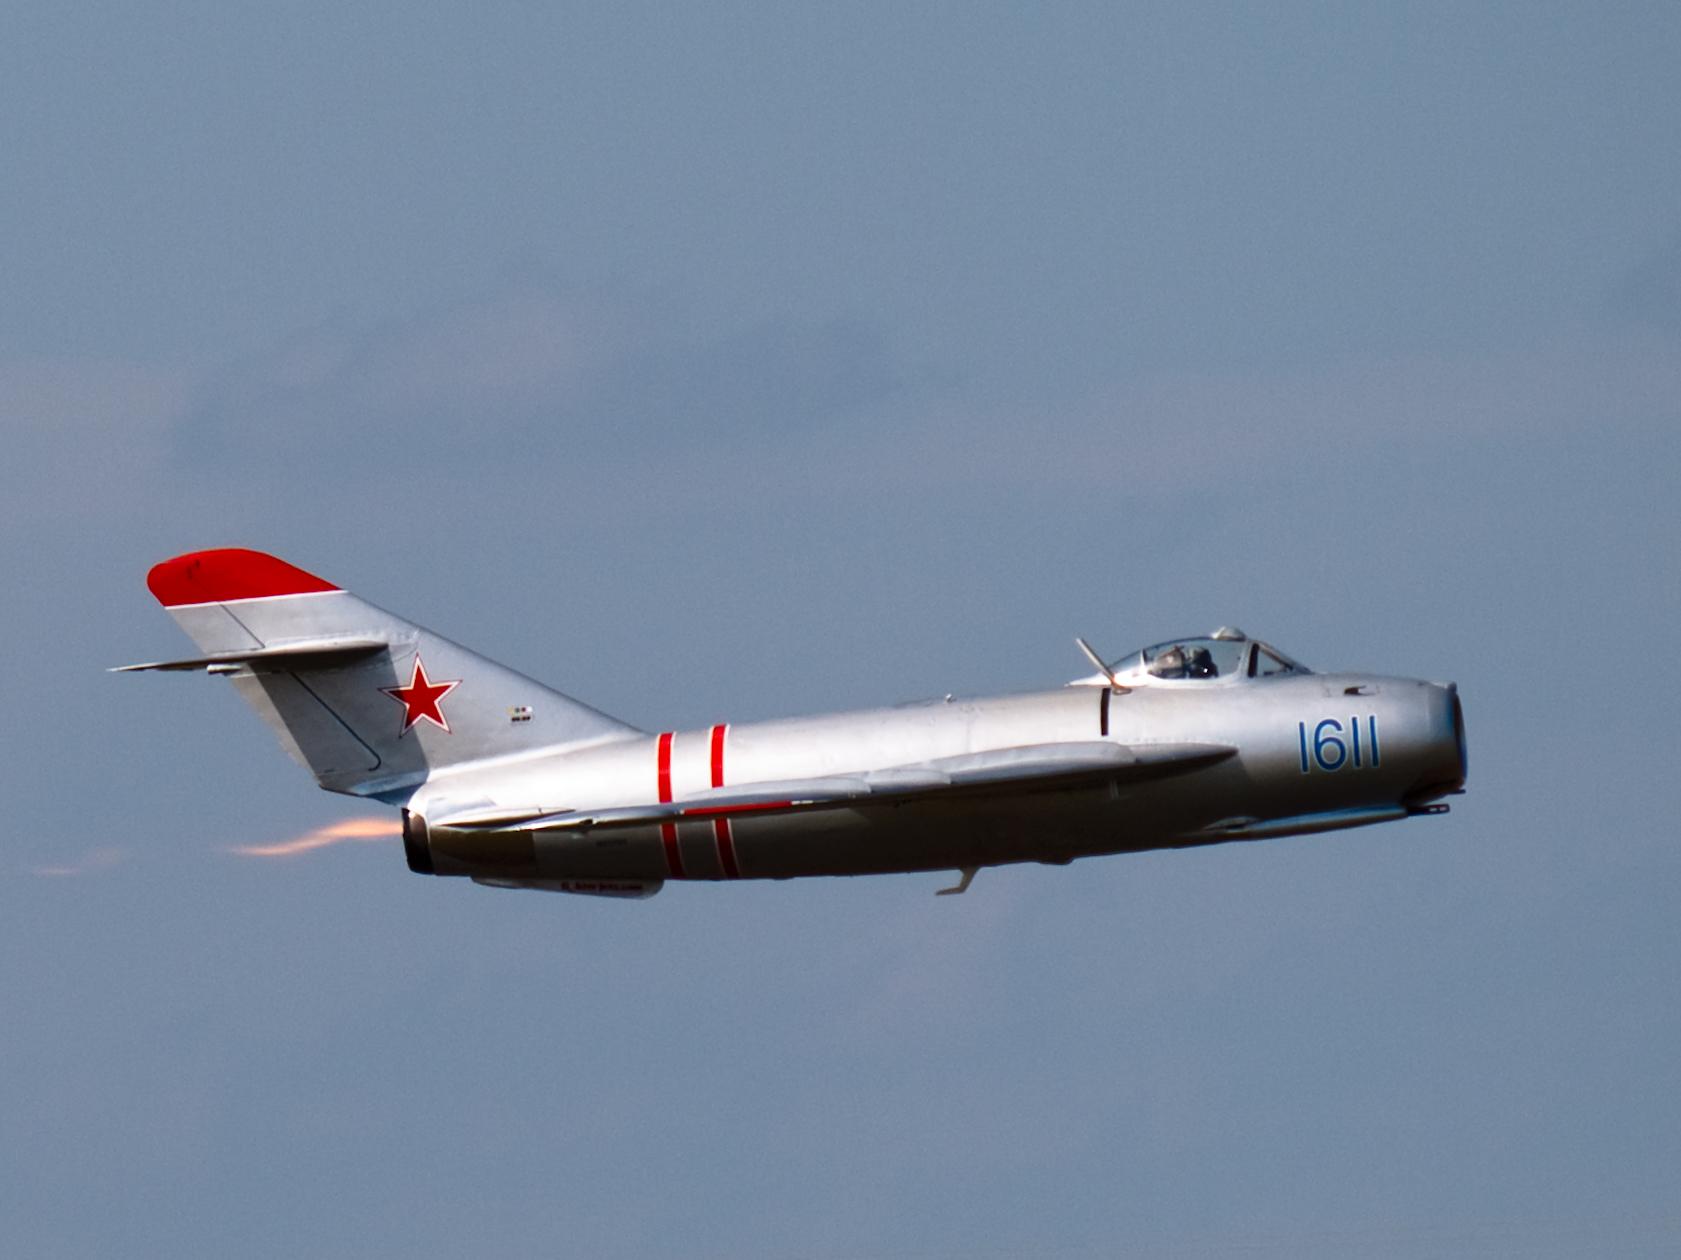 МиГ-17 разрабатывался на базе морально устаревающего МиГ-15